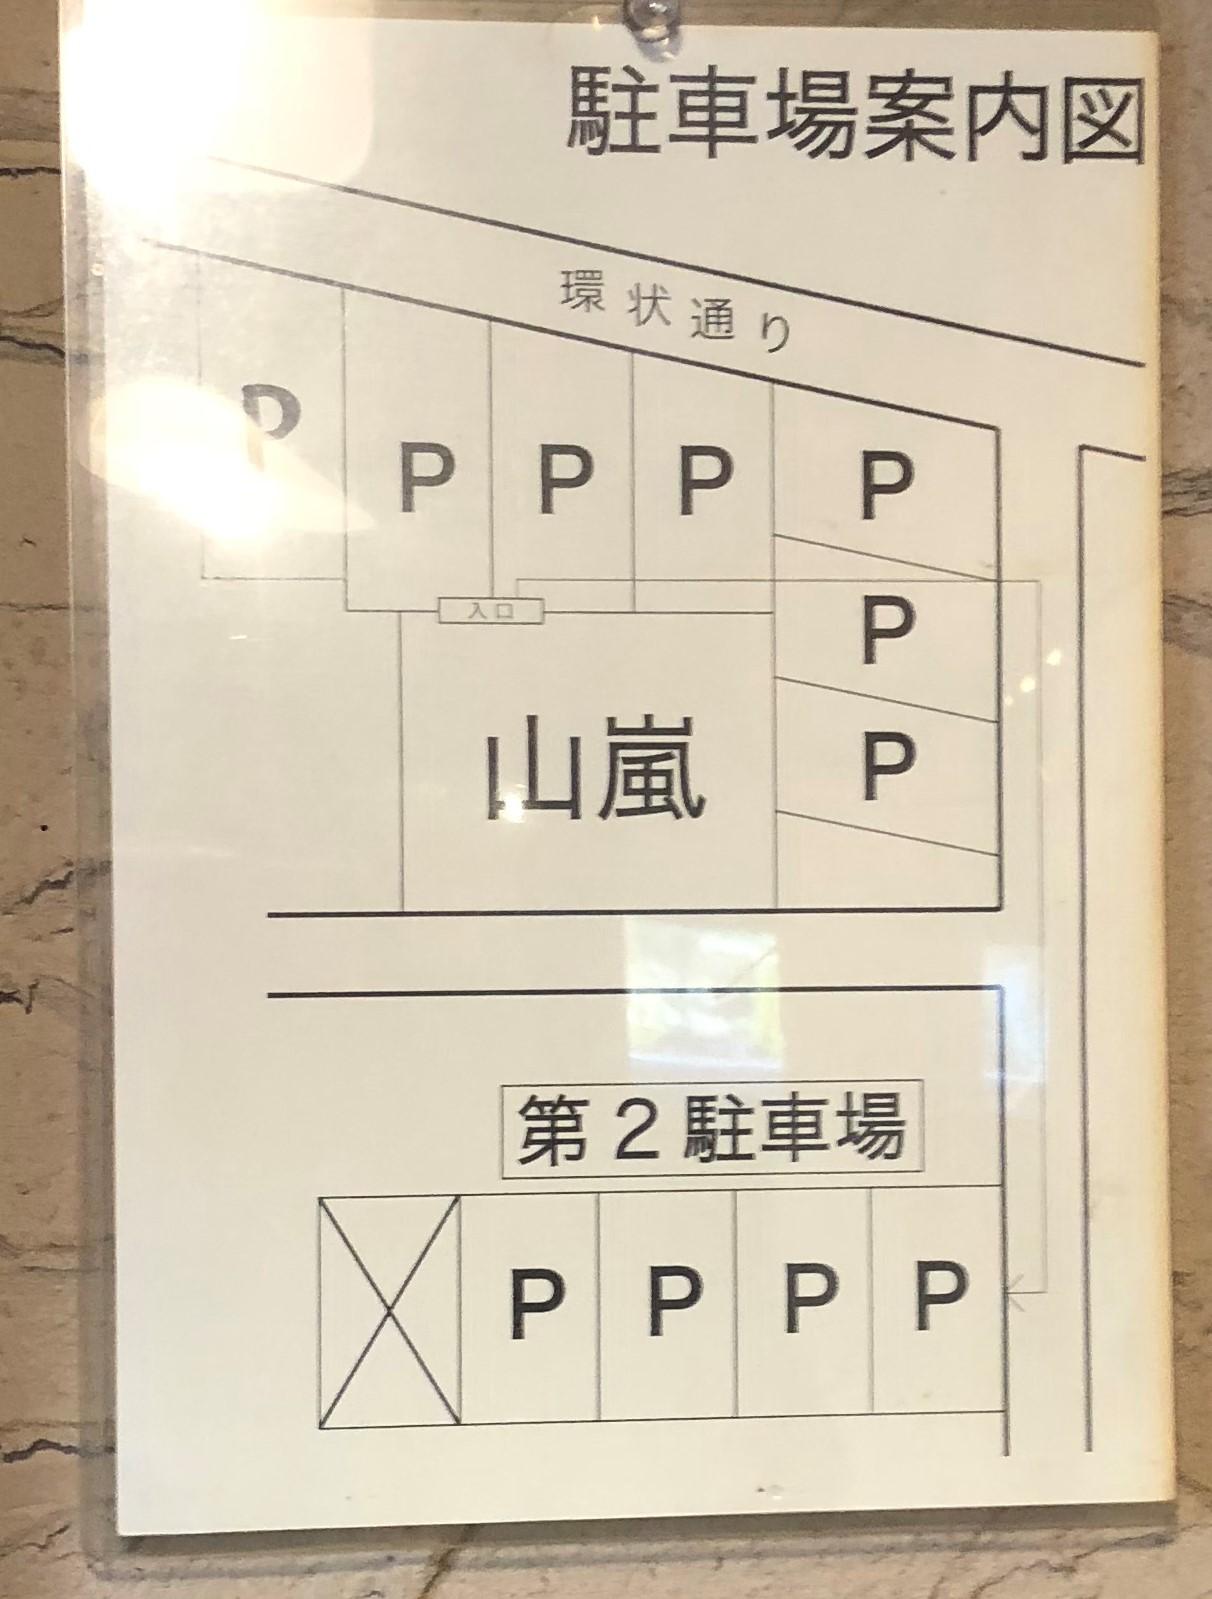 山嵐本店の駐車場の地図の貼り紙